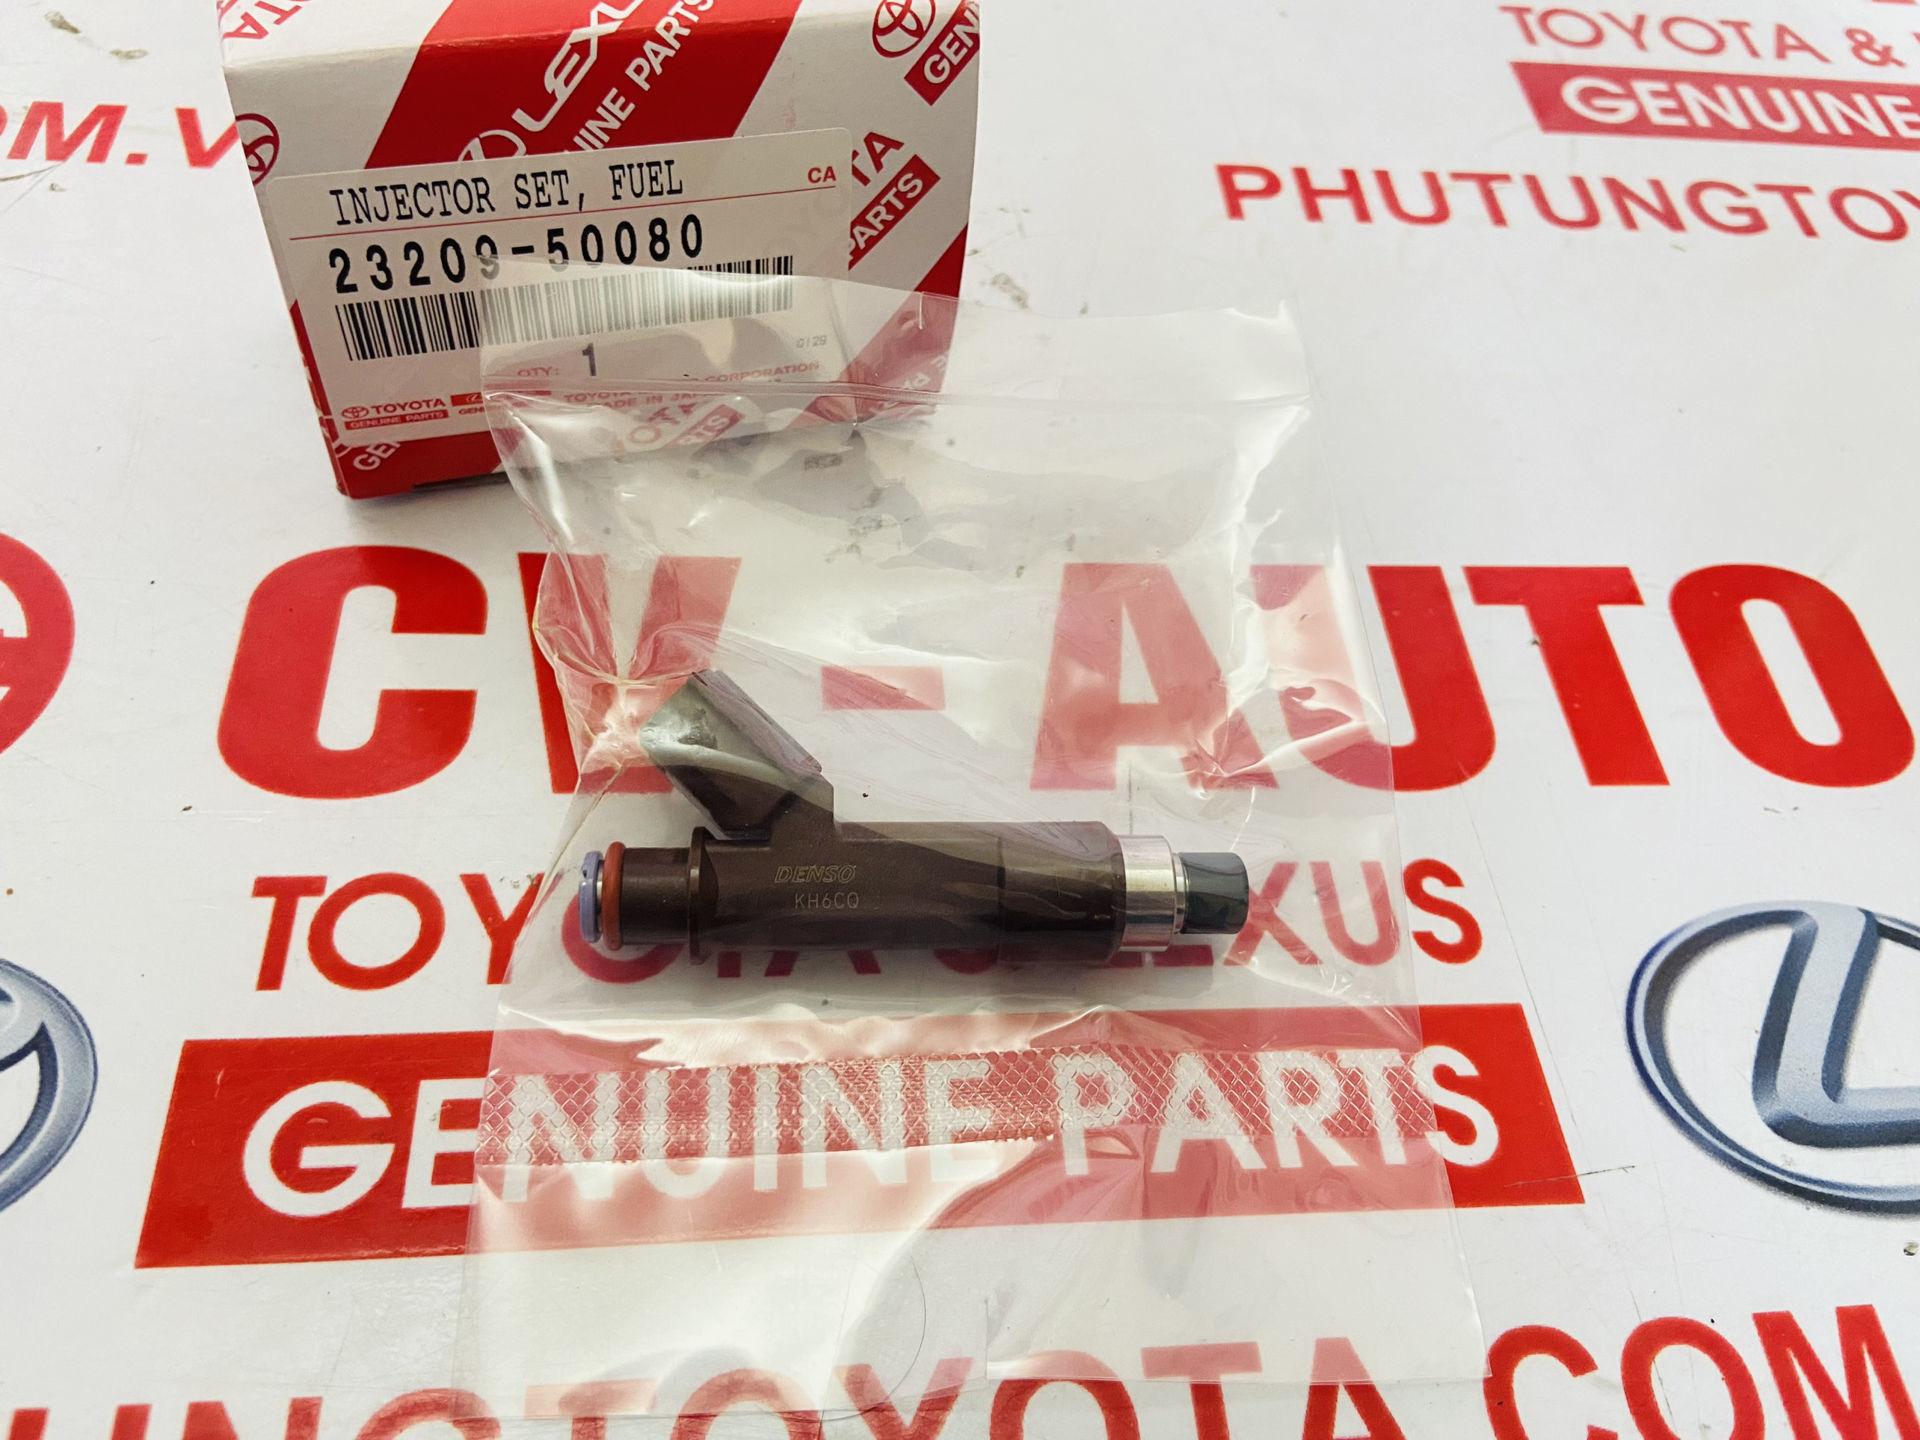 Picture of 23209-50080 Kim phun xăng Lexus GX470 hàng chính hãng